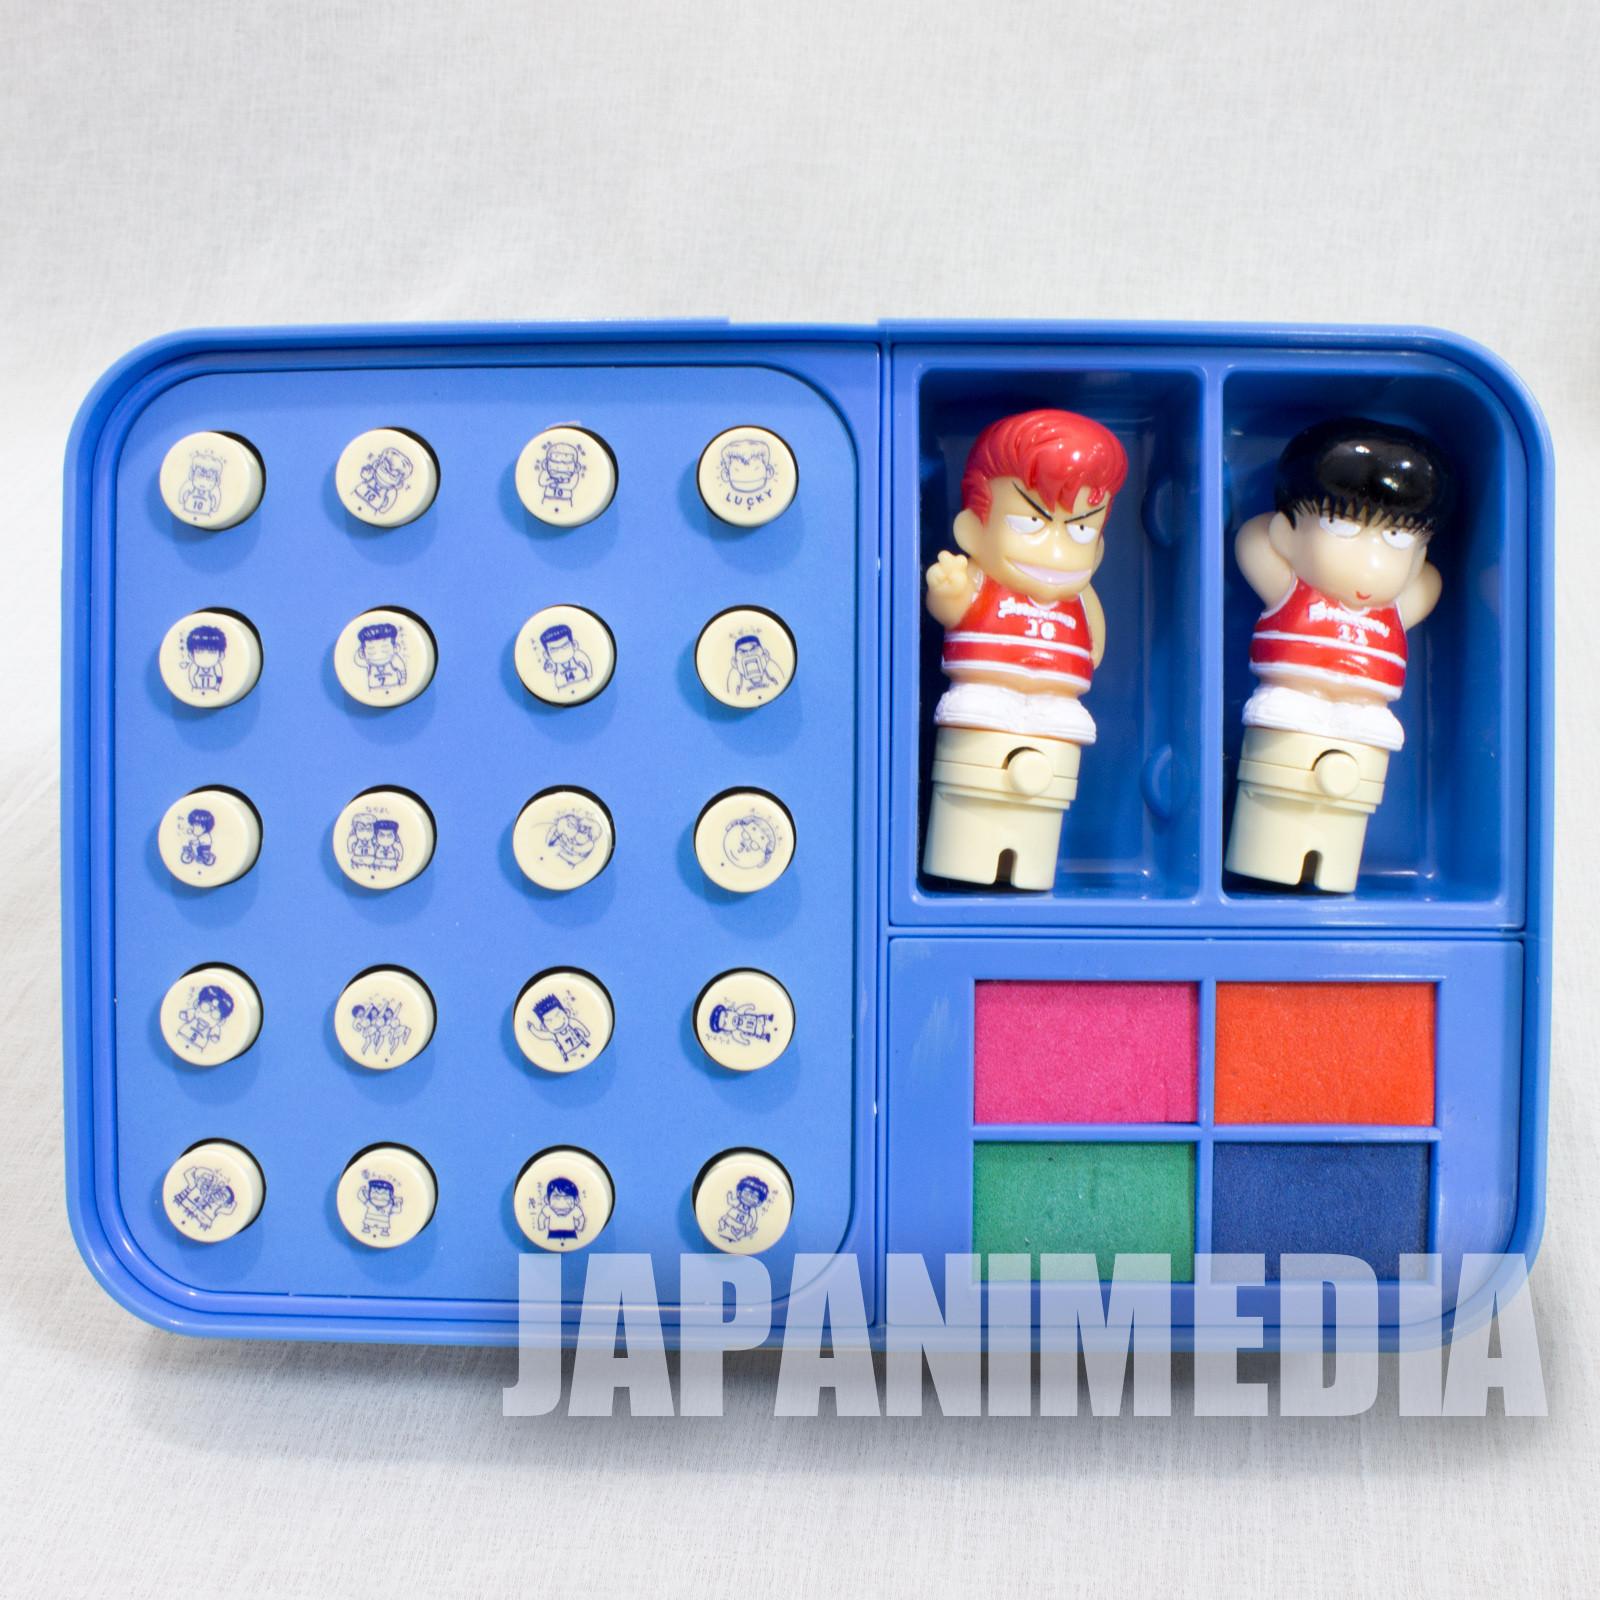 Retro RARE! SLAM DUNK Hanamichi Sakurai Kaede Rukawa Stamp Set JAPAN ANIM